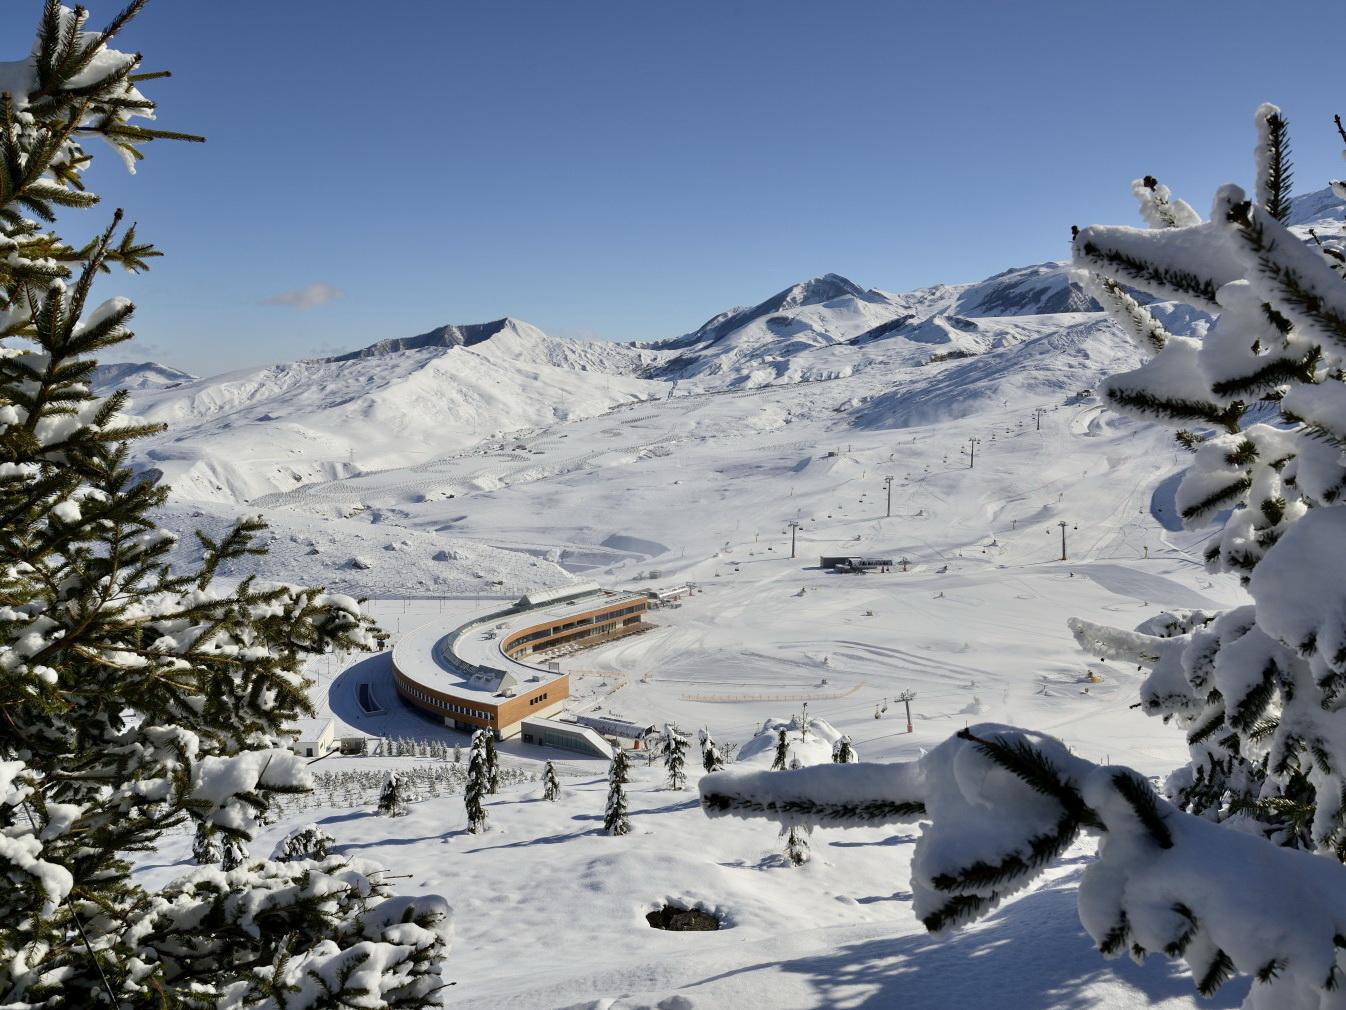 Президент Ильхам Алиев о планах строительства железной дороги к горнолыжному курорту Шахдаг